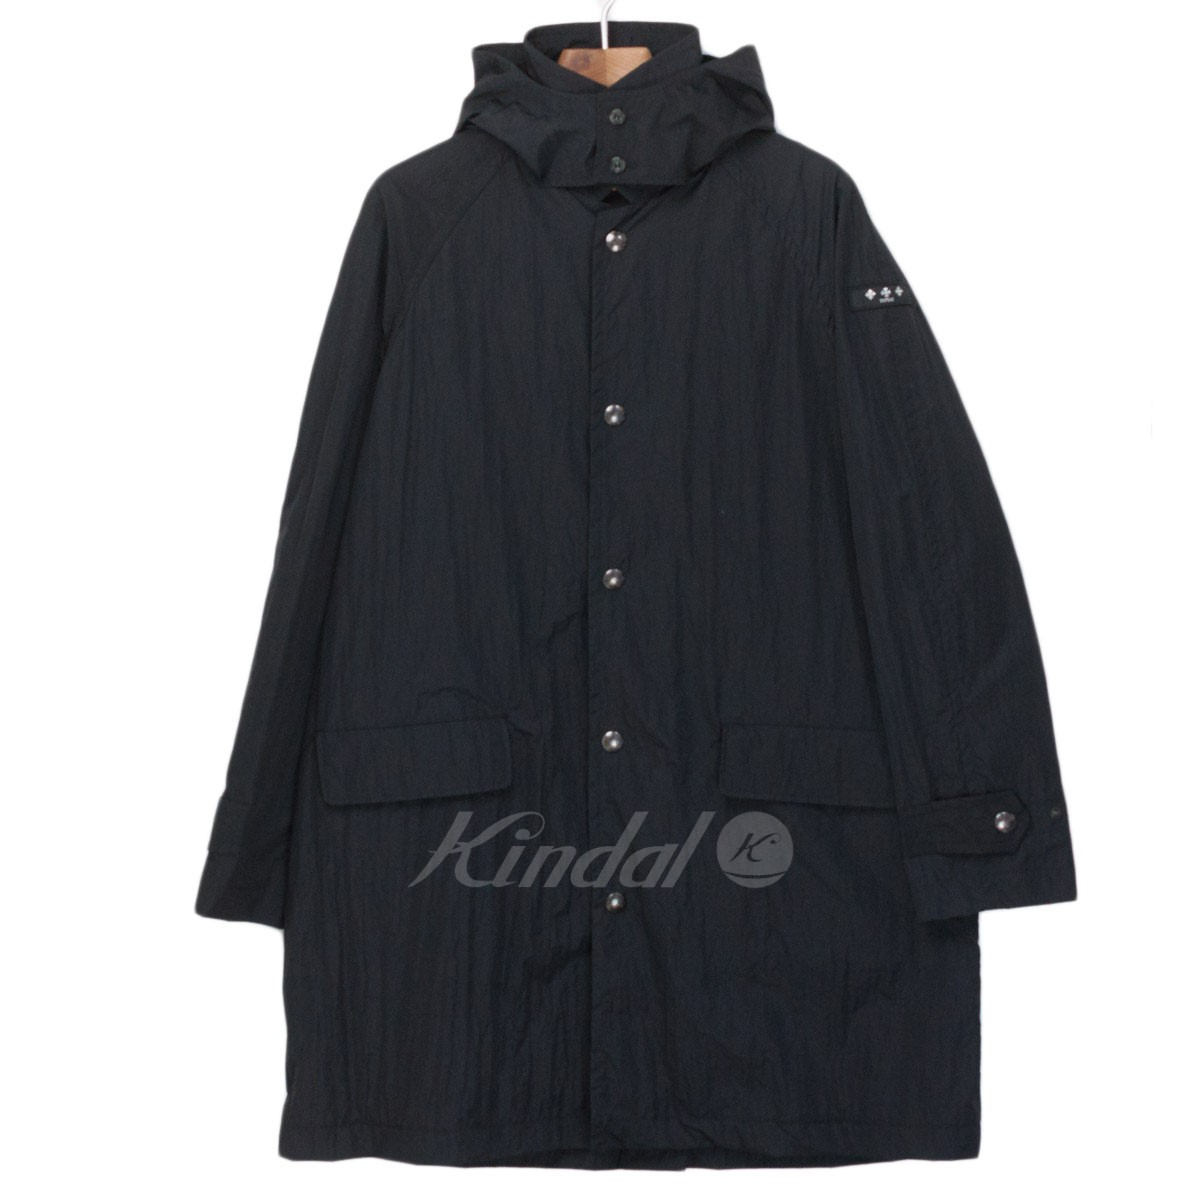 【中古】TATRAS 18SS ナイロン ロングコート ブラック サイズ:2 【送料無料】 【140319】(タトラス)